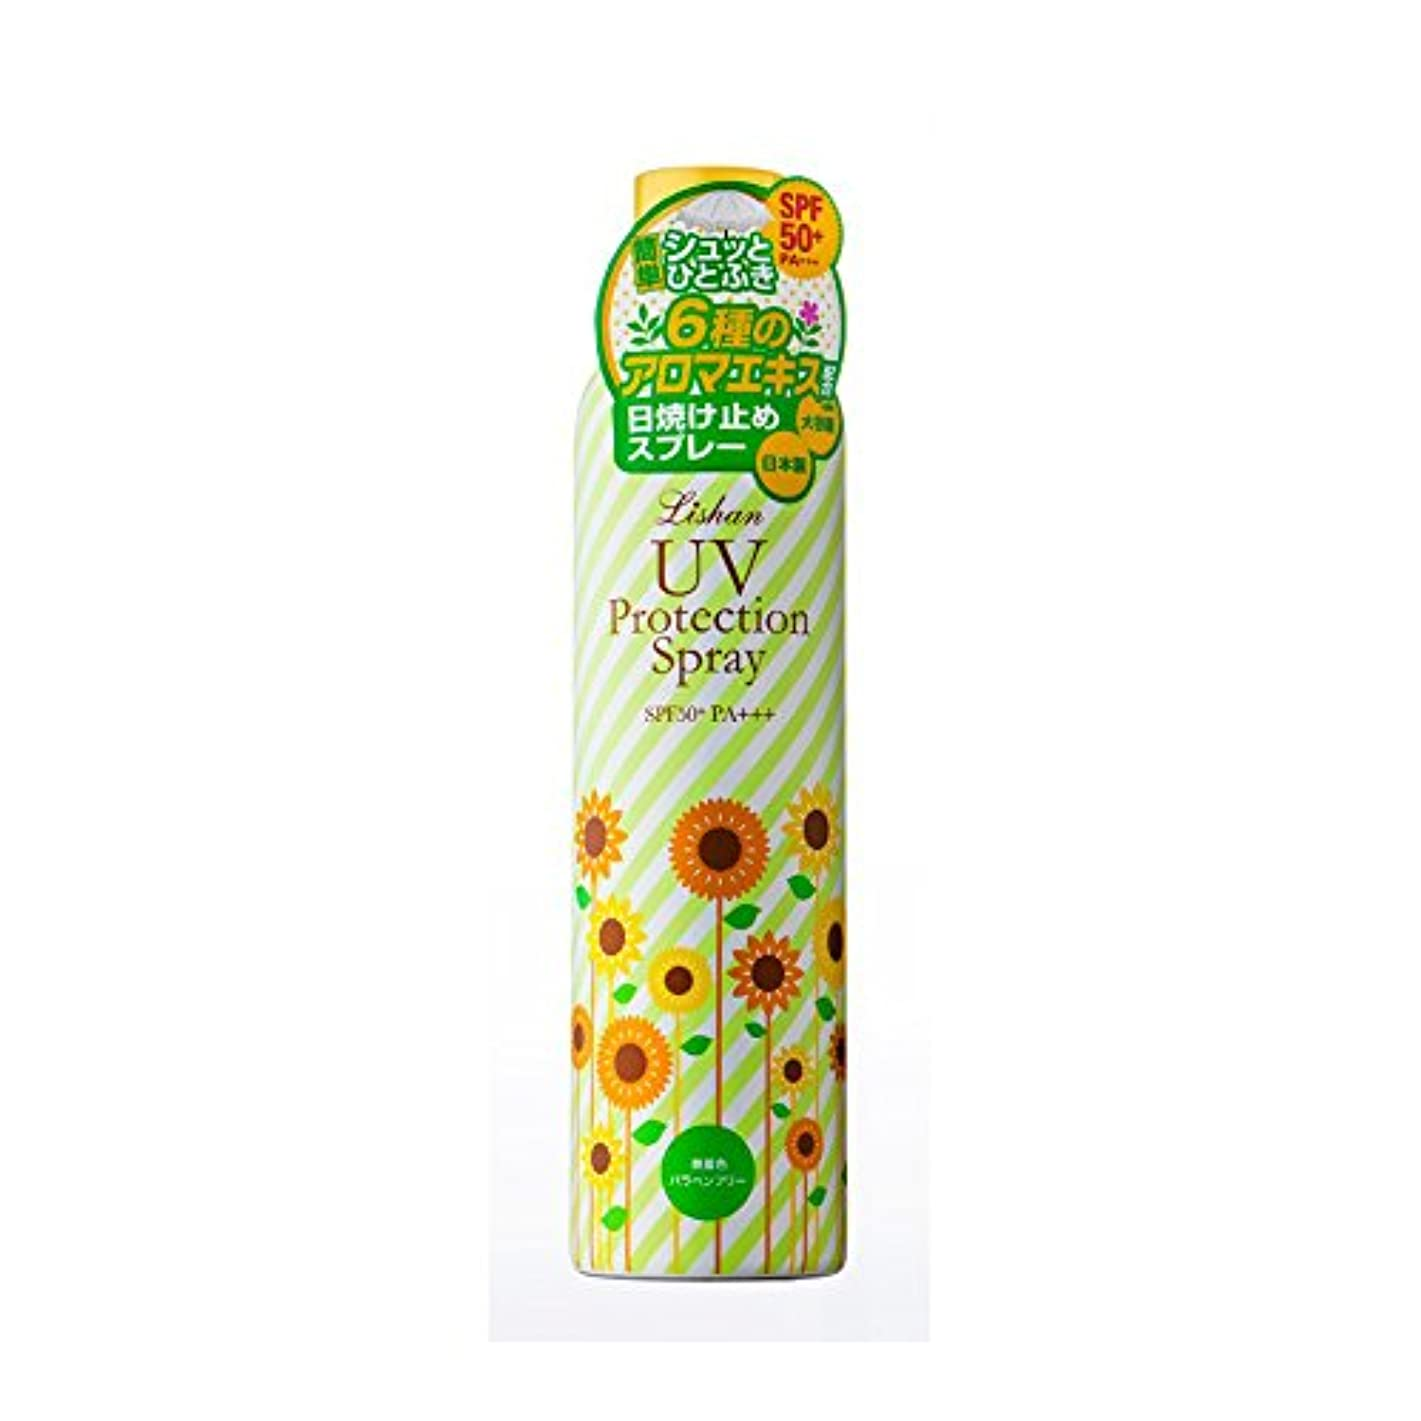 一過性ルーキー燃やすリシャン 大容量UVスプレー アロマミックスの香り (230g)